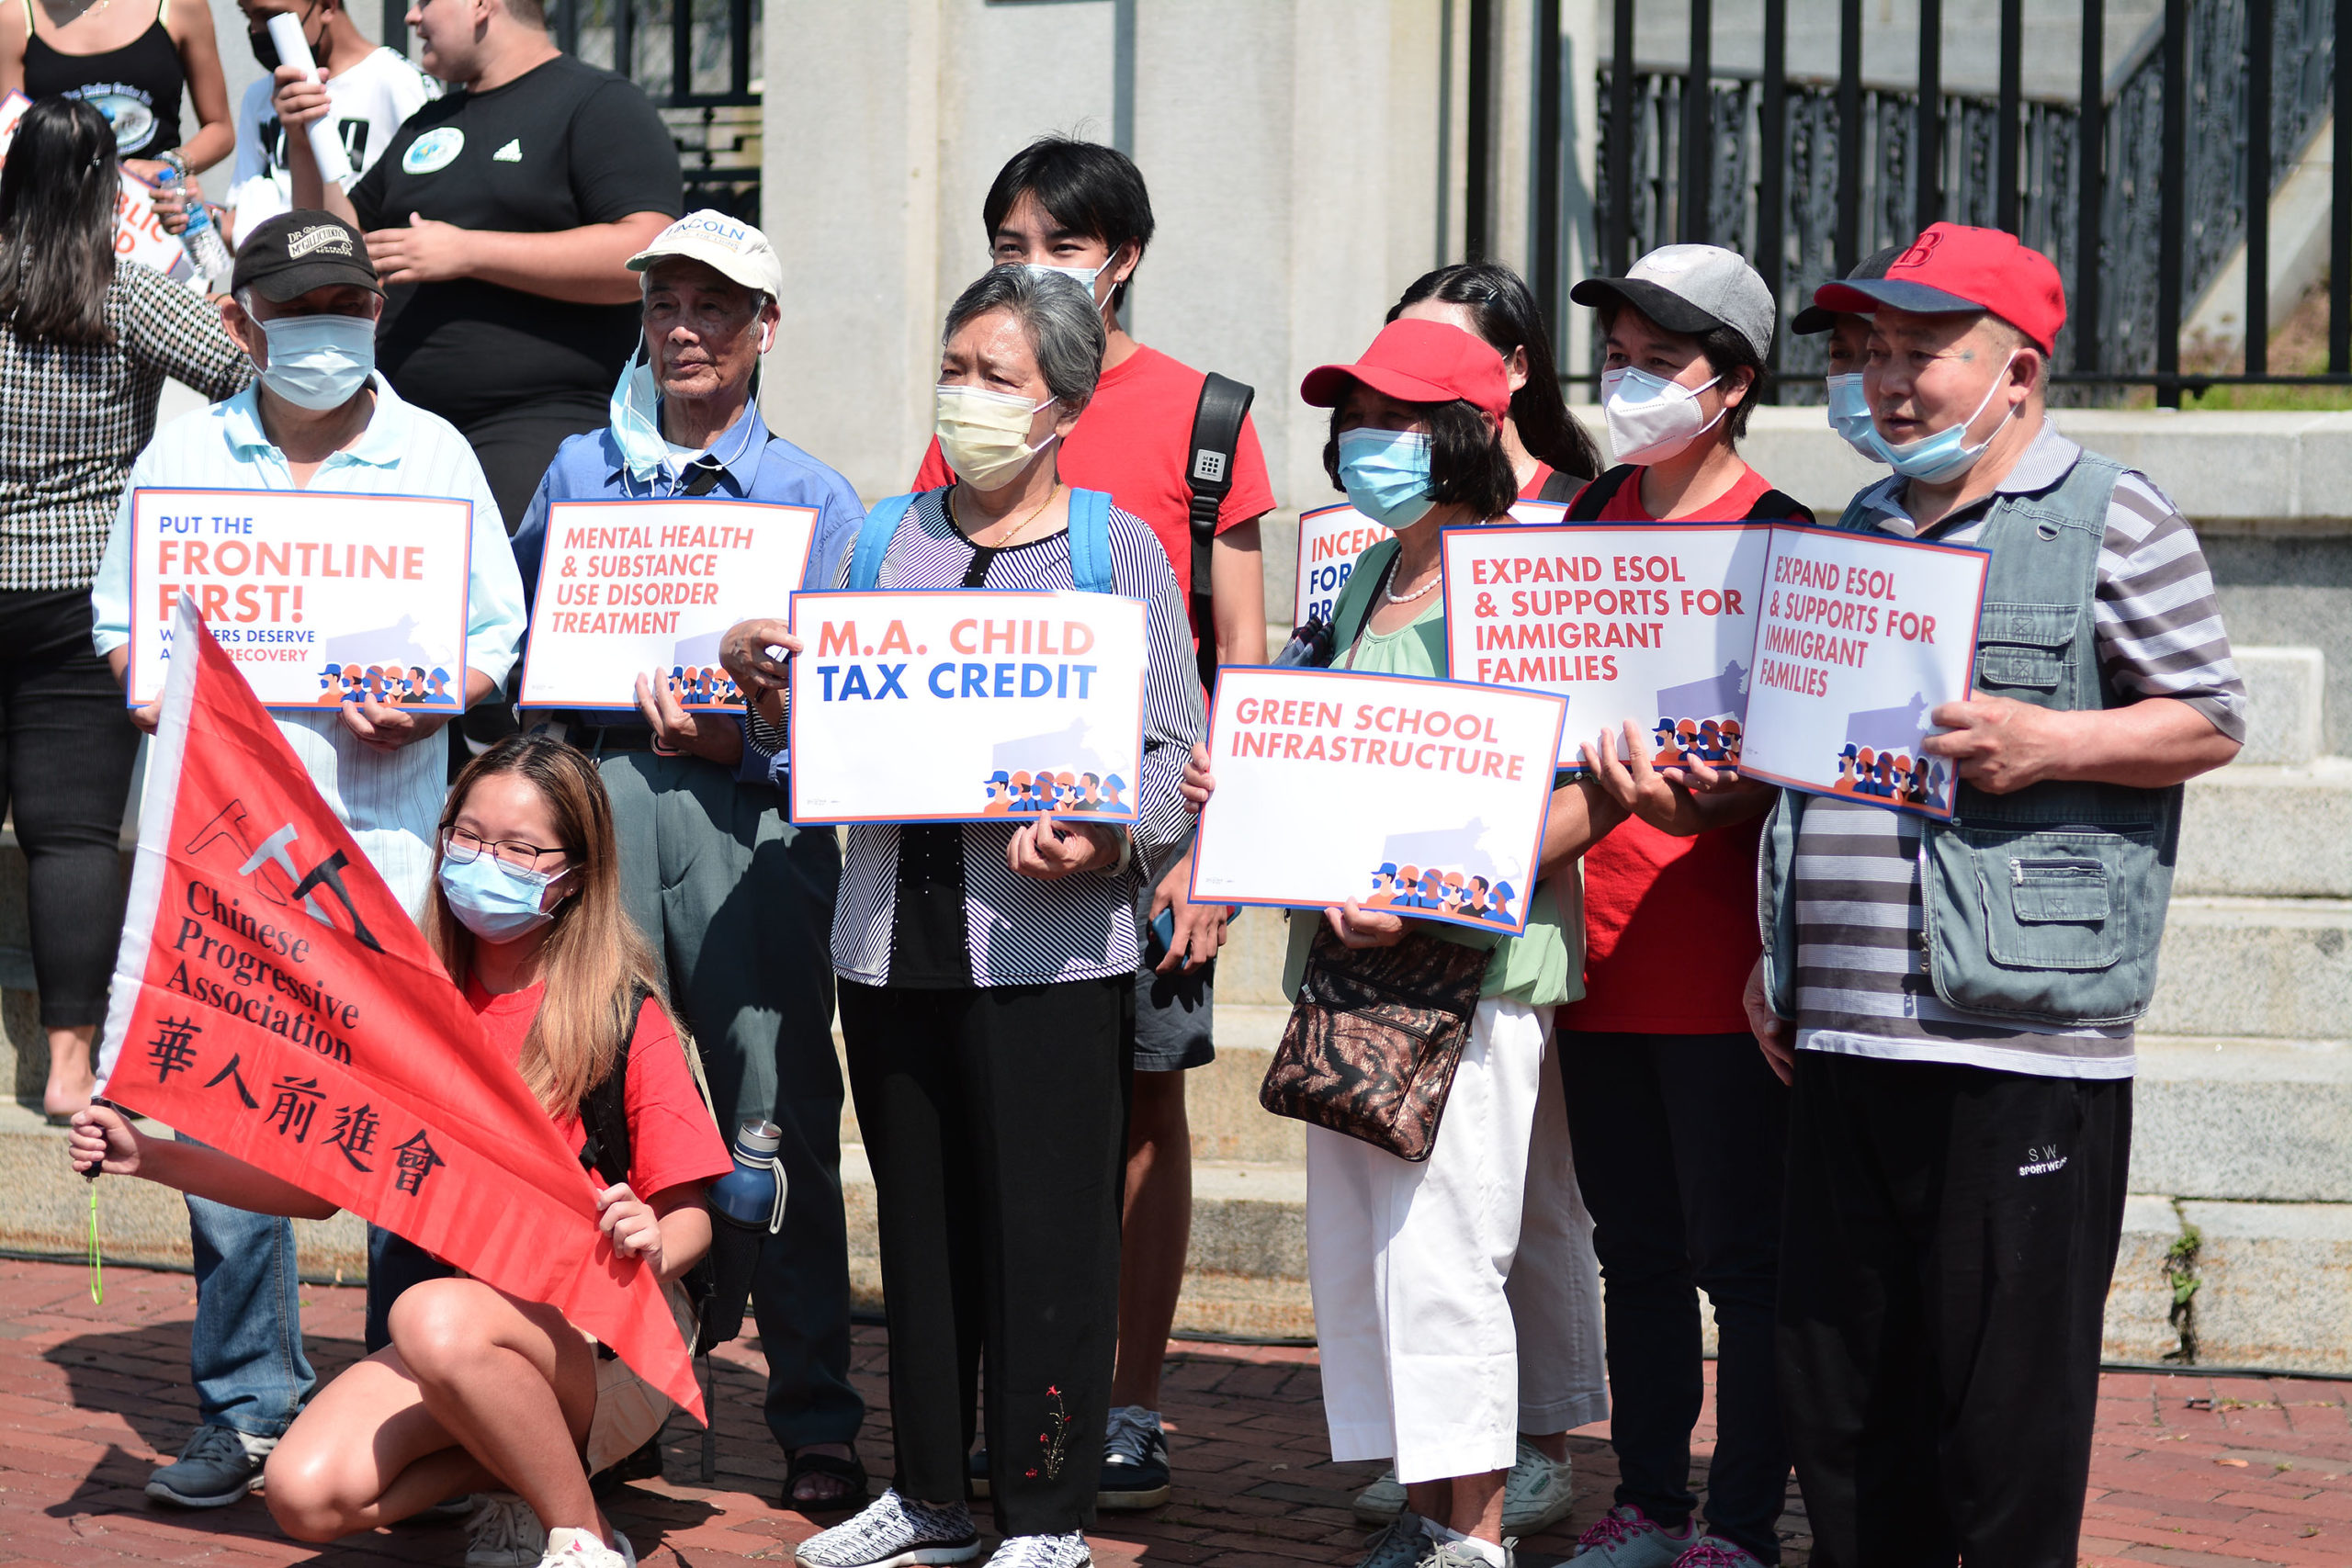 劳工和社区团体集会要求马萨诸塞州立法机关 将救援计划资金集中在一线工人和受影响社区